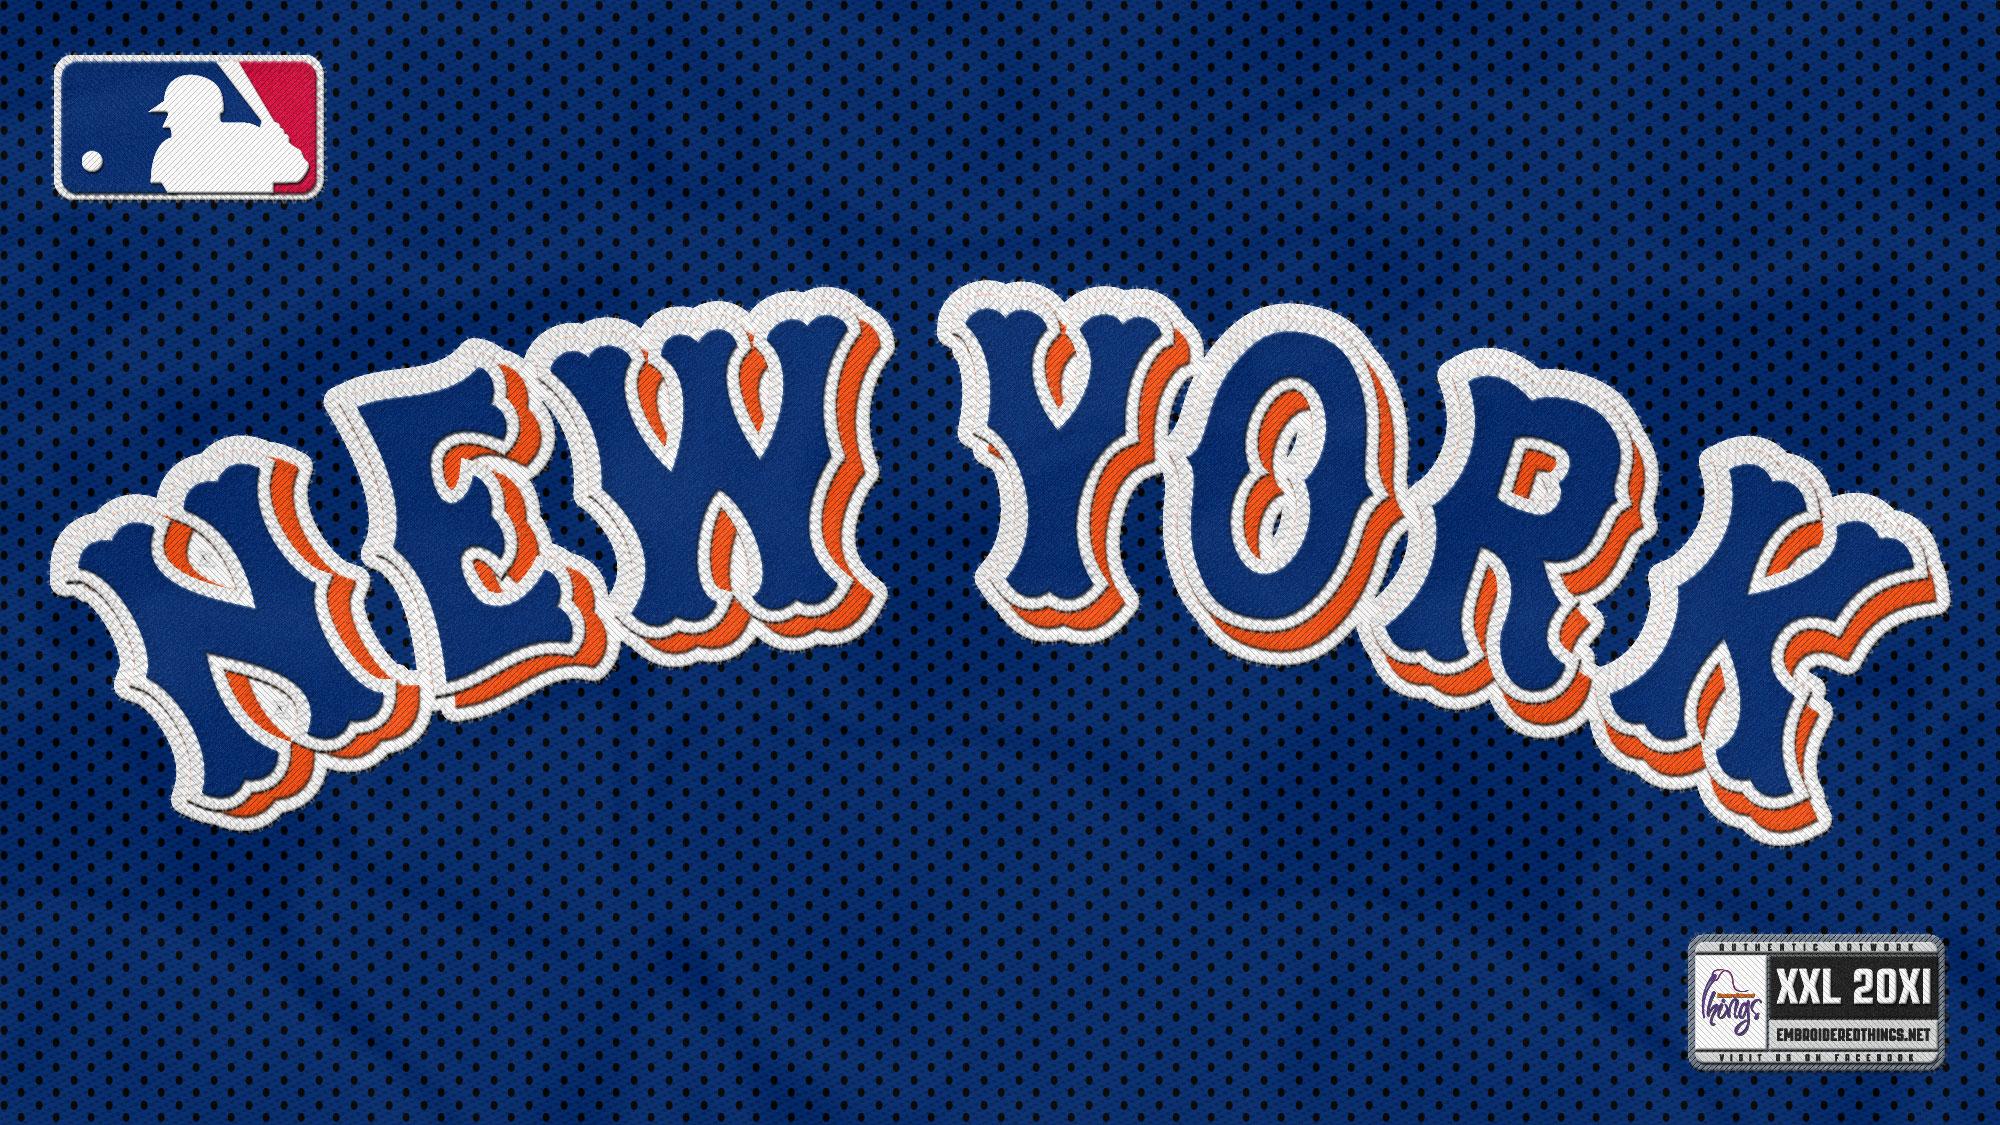 Fondos de pantalla de New York Mets Wallpapers de New York Mets 2000x1125